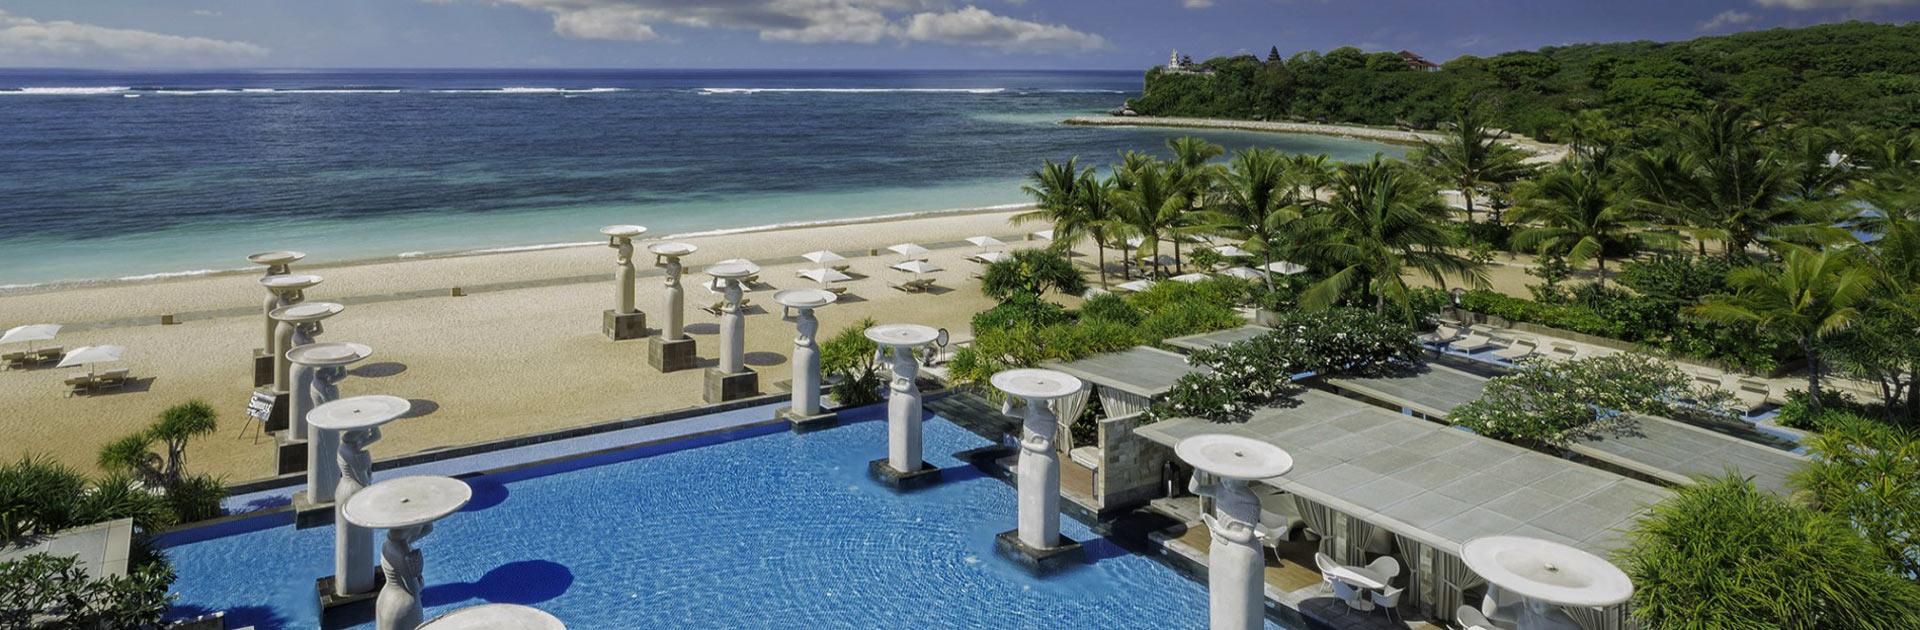 ID Bali y Gili 10 días 1 1